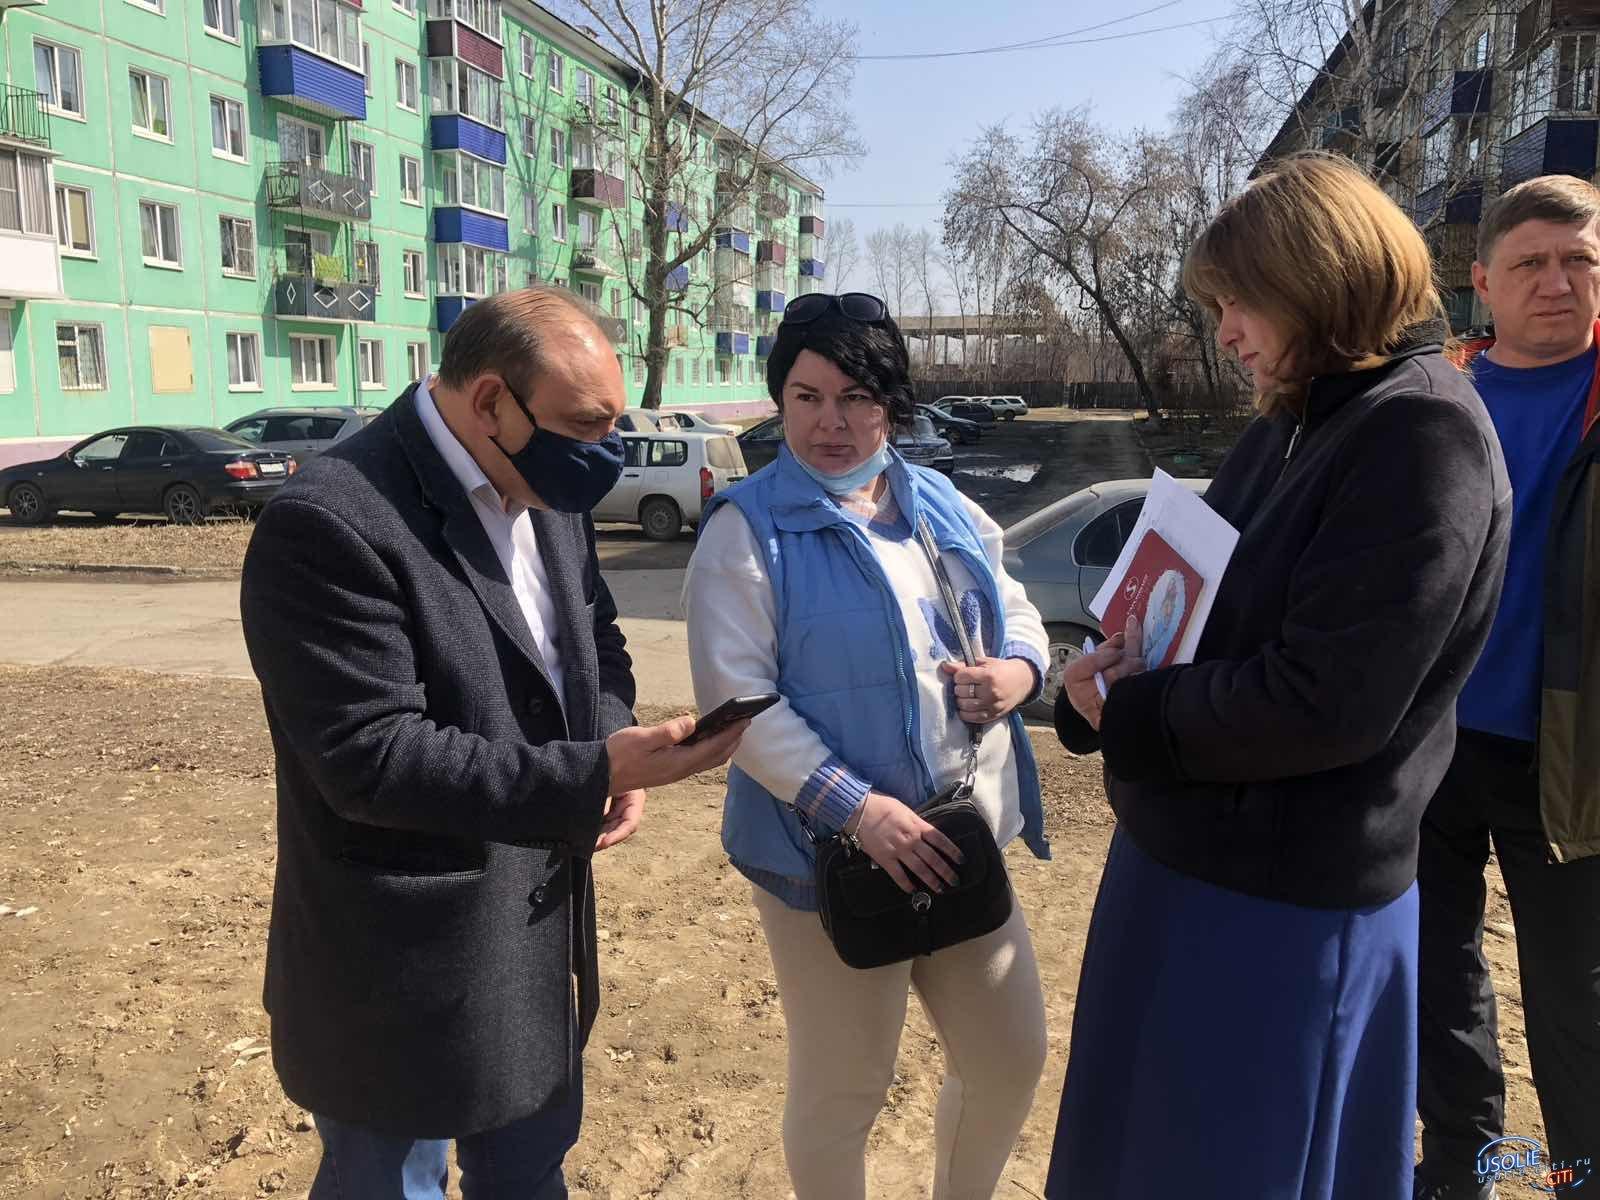 Максим Торопкин: Цель закрыть в Усолье все пивные магазины в жилых домах